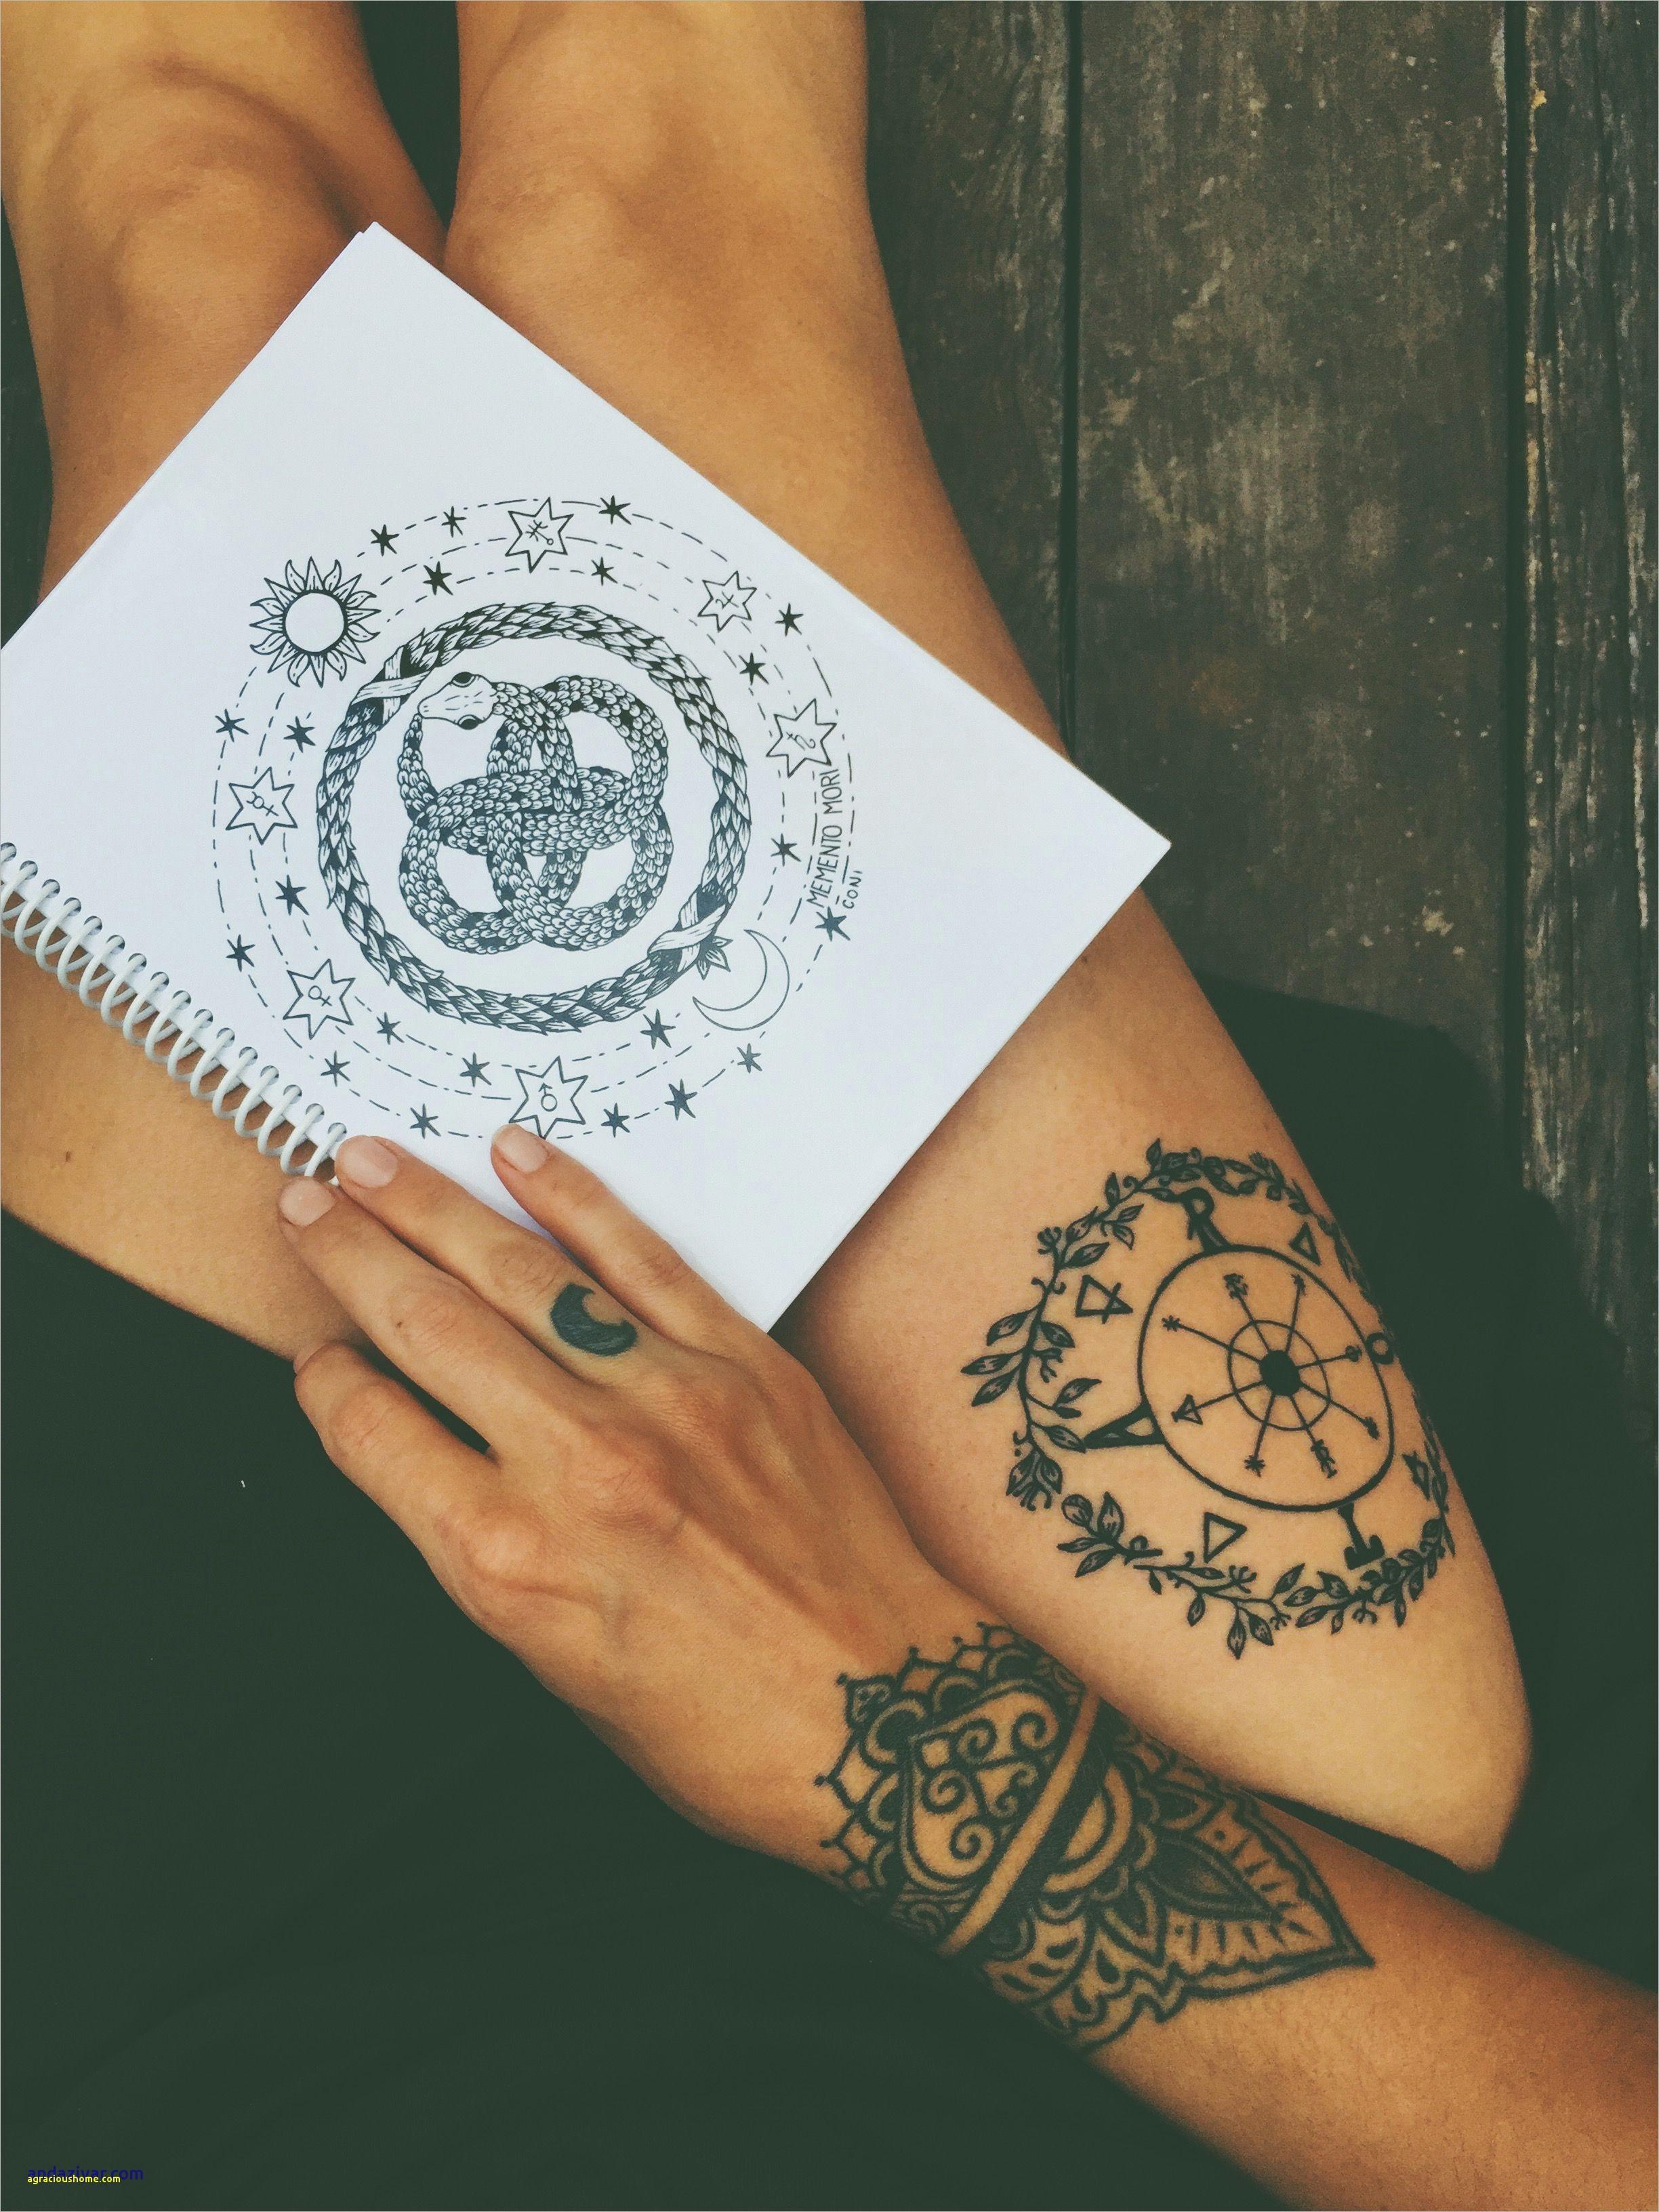 name tattoo design arm new permanent hand tattoo designs beautiful i pinimg 1200x 68 0d